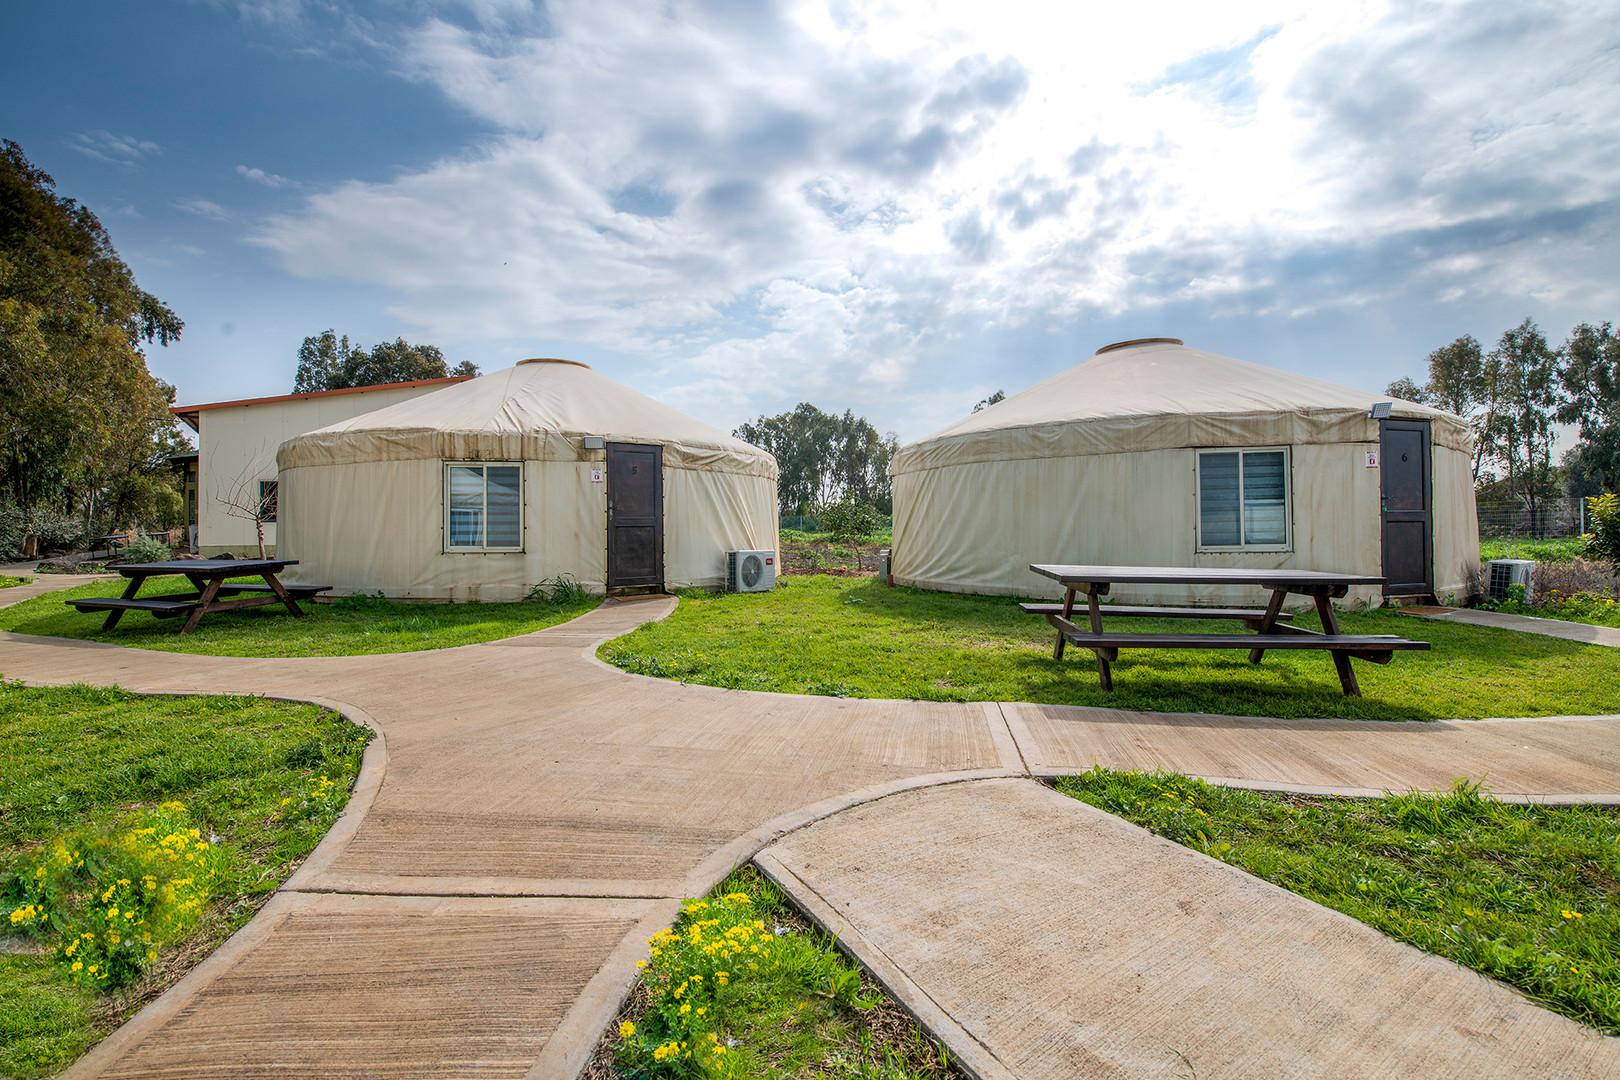 אוהלים מונגולים ממוזגים ומרוהטים